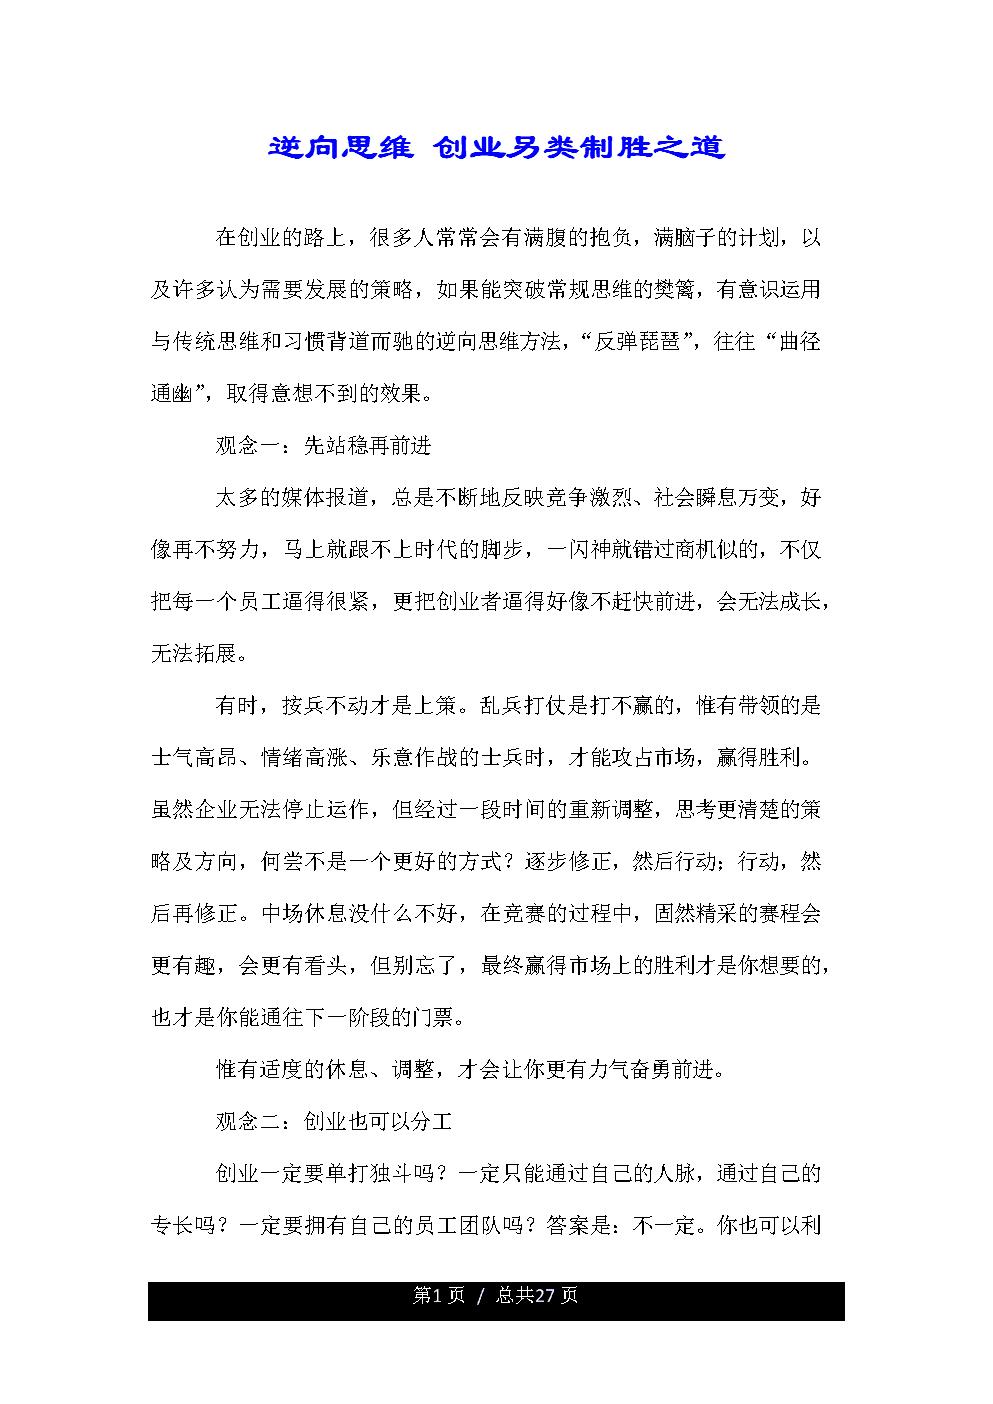 逆向思维 创业另类制胜之道.doc